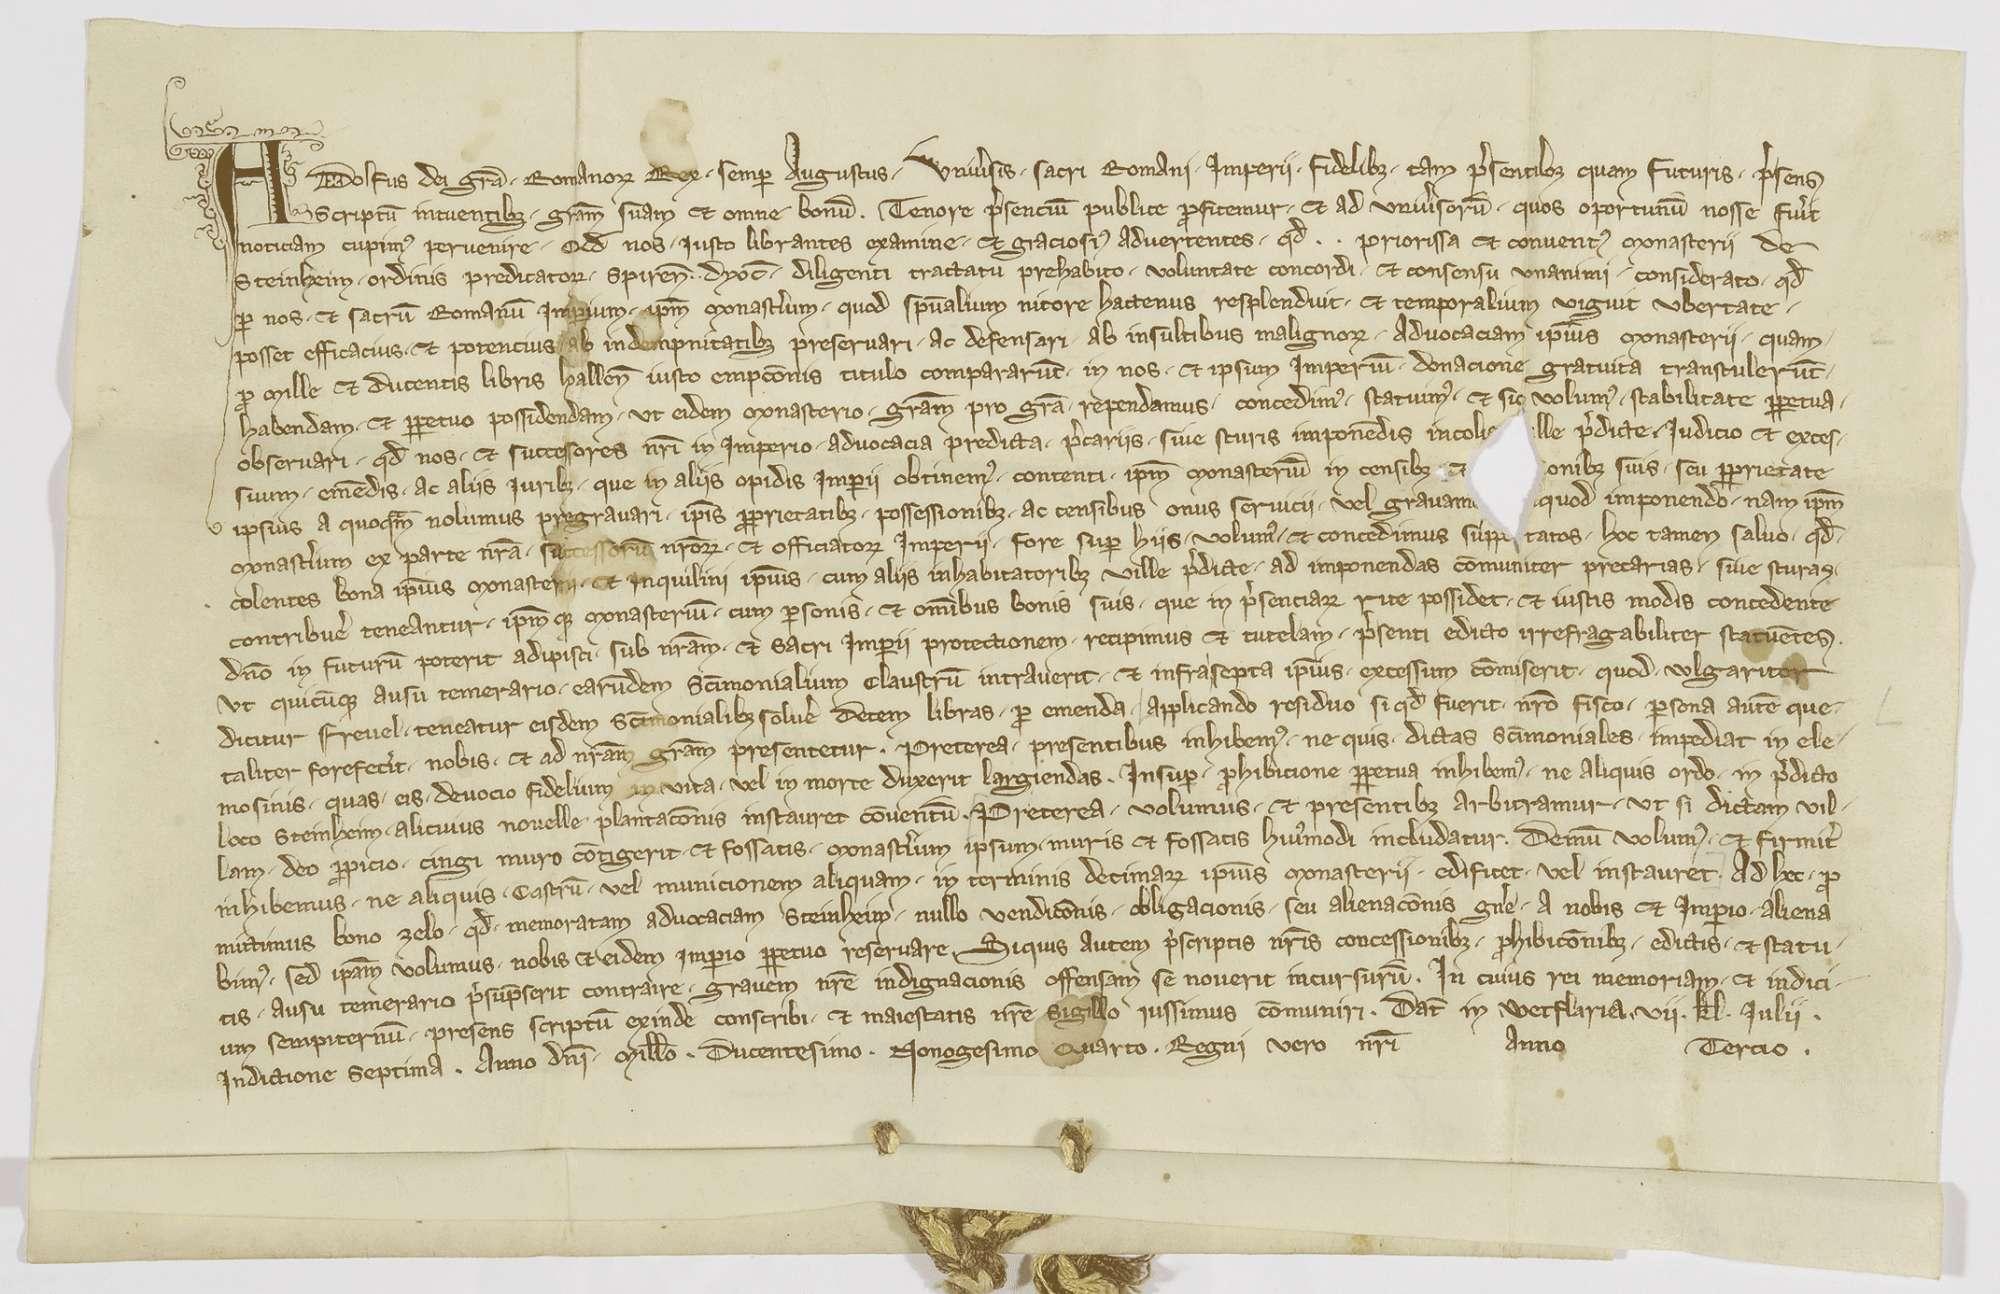 König Adolf von Nassau übernimmt die Vogtei des Klosters Steinheim und setzt seine und des Klosters Rechte fest., Bild 1